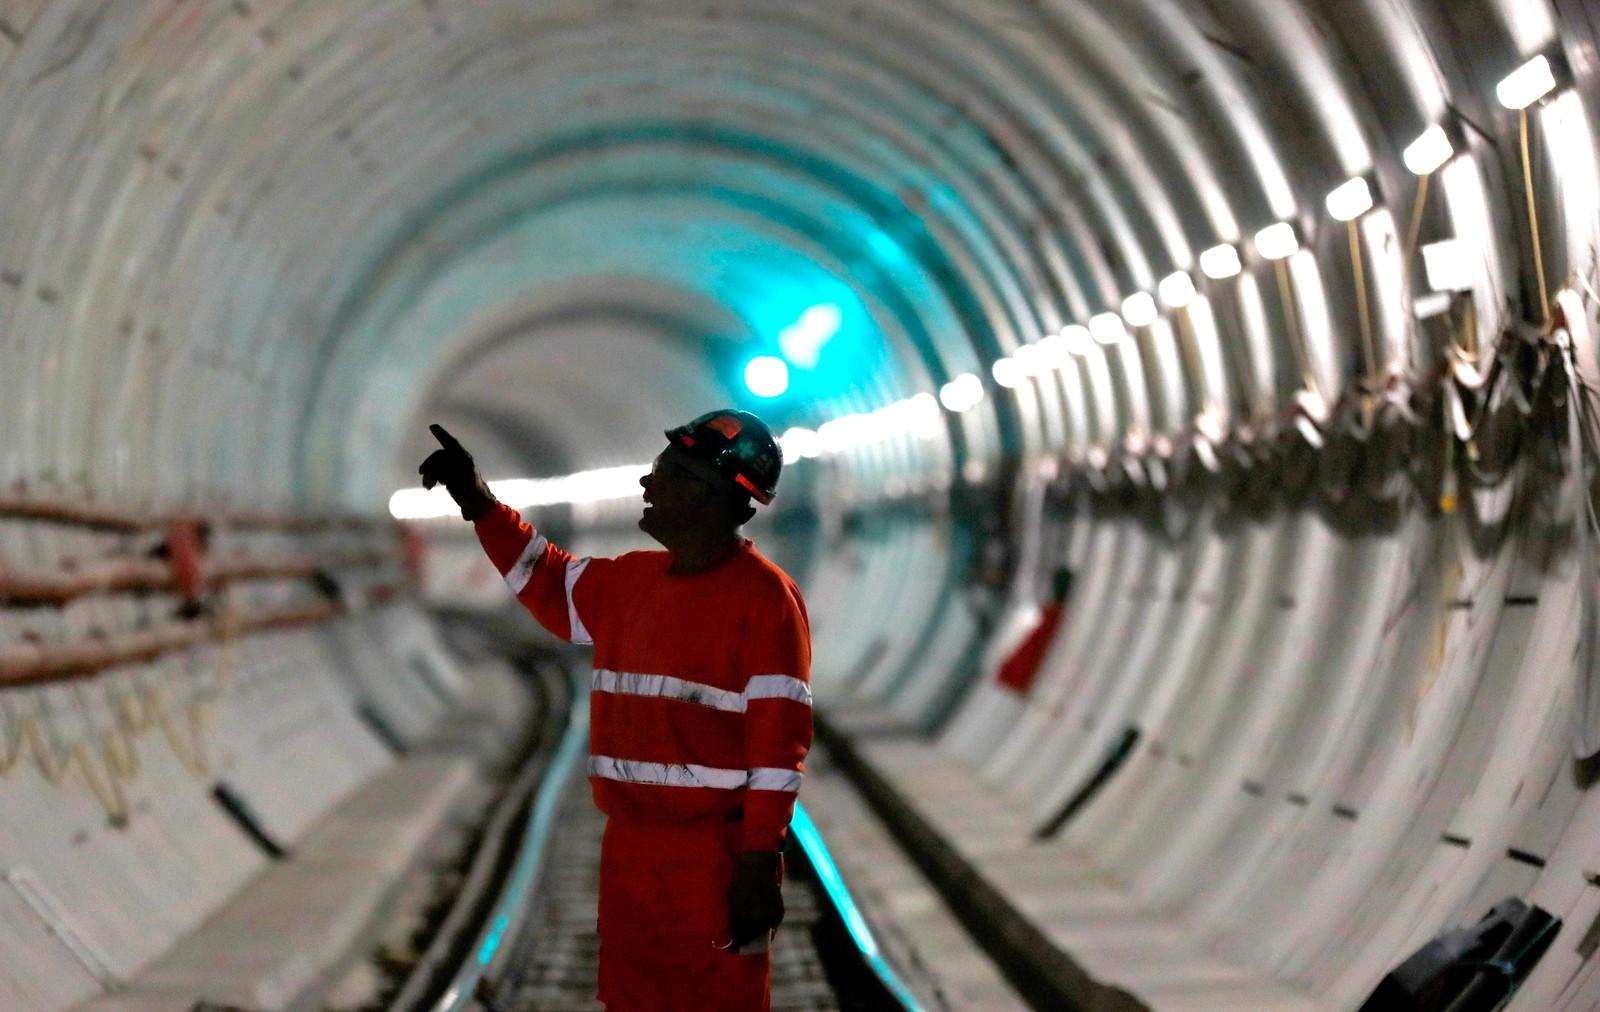 Jernbaneprosjektet Crossrail, som skal døpes Elizabeth Line når det er ferdig er Europas største byggeprosjekt. Tunellen kommer til å knytte vest og øst i London sammen når den åpner i 2018, og det er forventet at 200 millioner mennesker kommer til å bruke den hvert år.